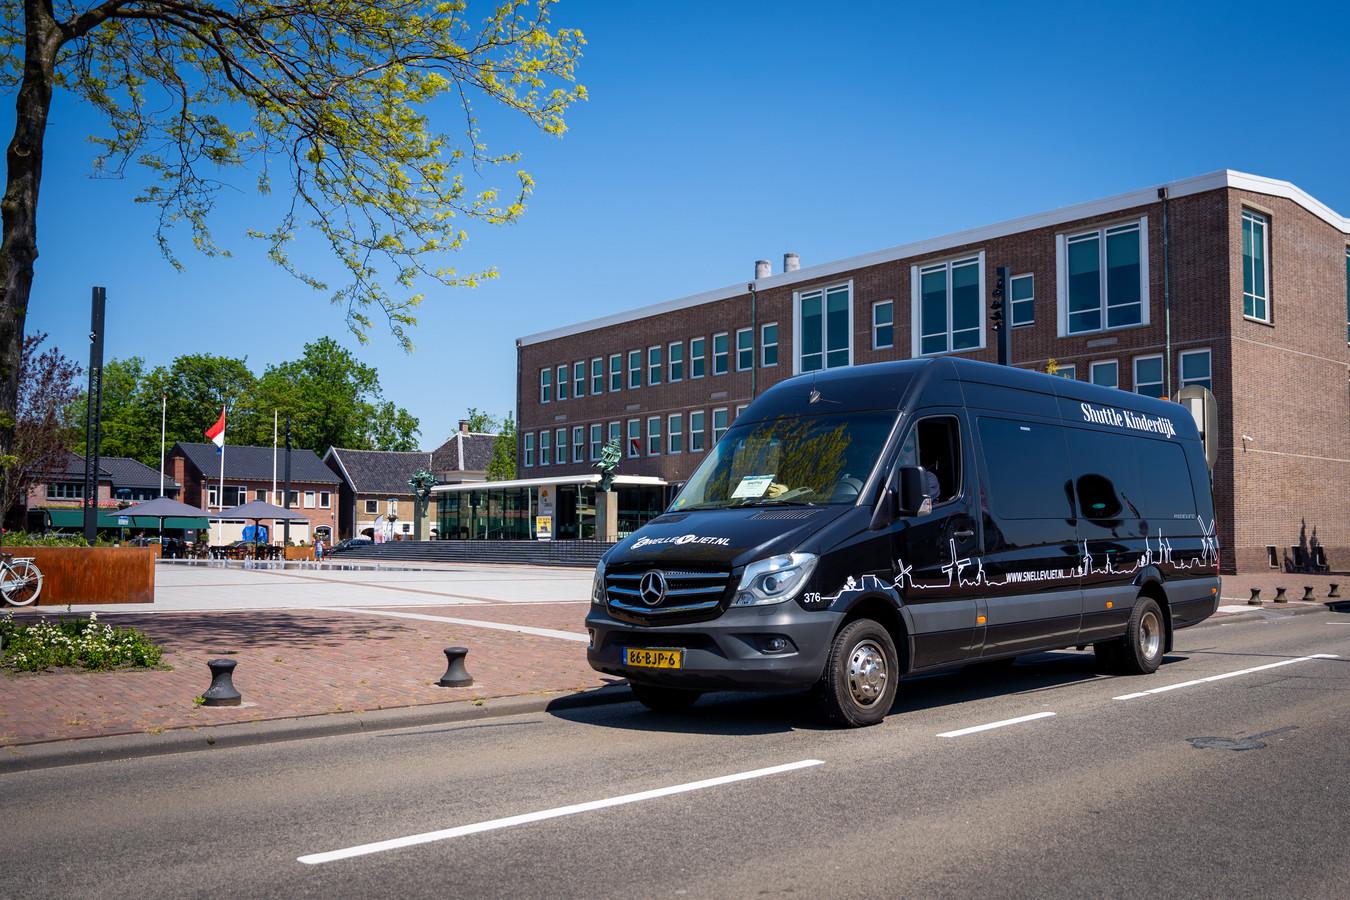 De shuttlebus die dagelijks van en naar Kinderdijk rijdt, voor het gemeentehuis van Alblasserdam. Het feit dat deze bus gaat rijden op zondag was voor de SGP reden om het vertrouwen in de coalitie met PvdA en CDA op te zeggen.